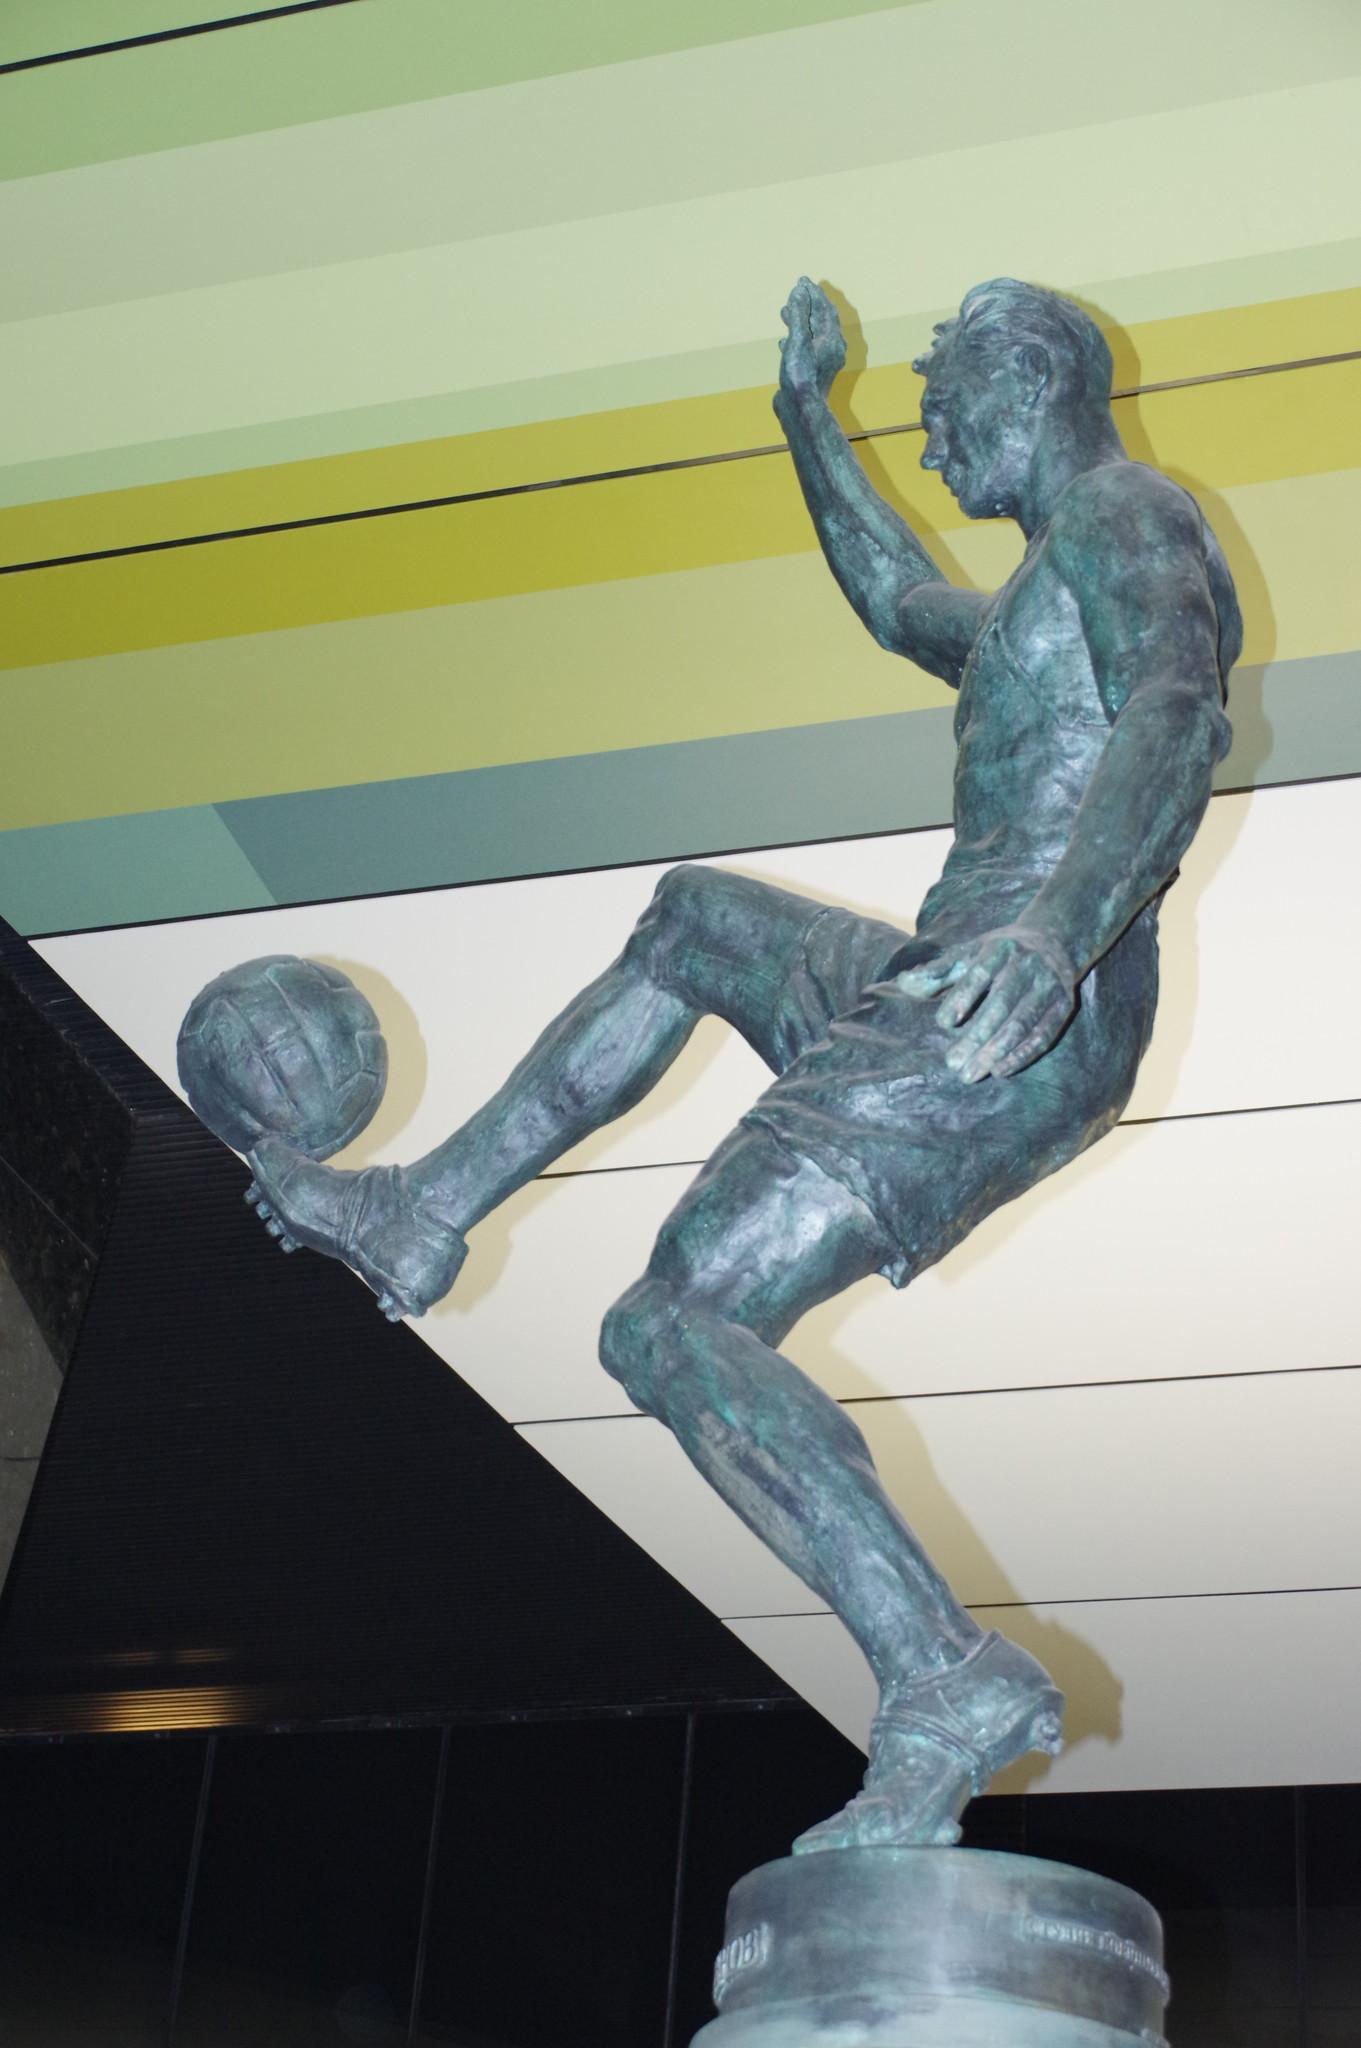 Станция «ЦСКА» Большой кольцевой линии. Прообразом для скульптуры футболиста стал Всеволод Бобров